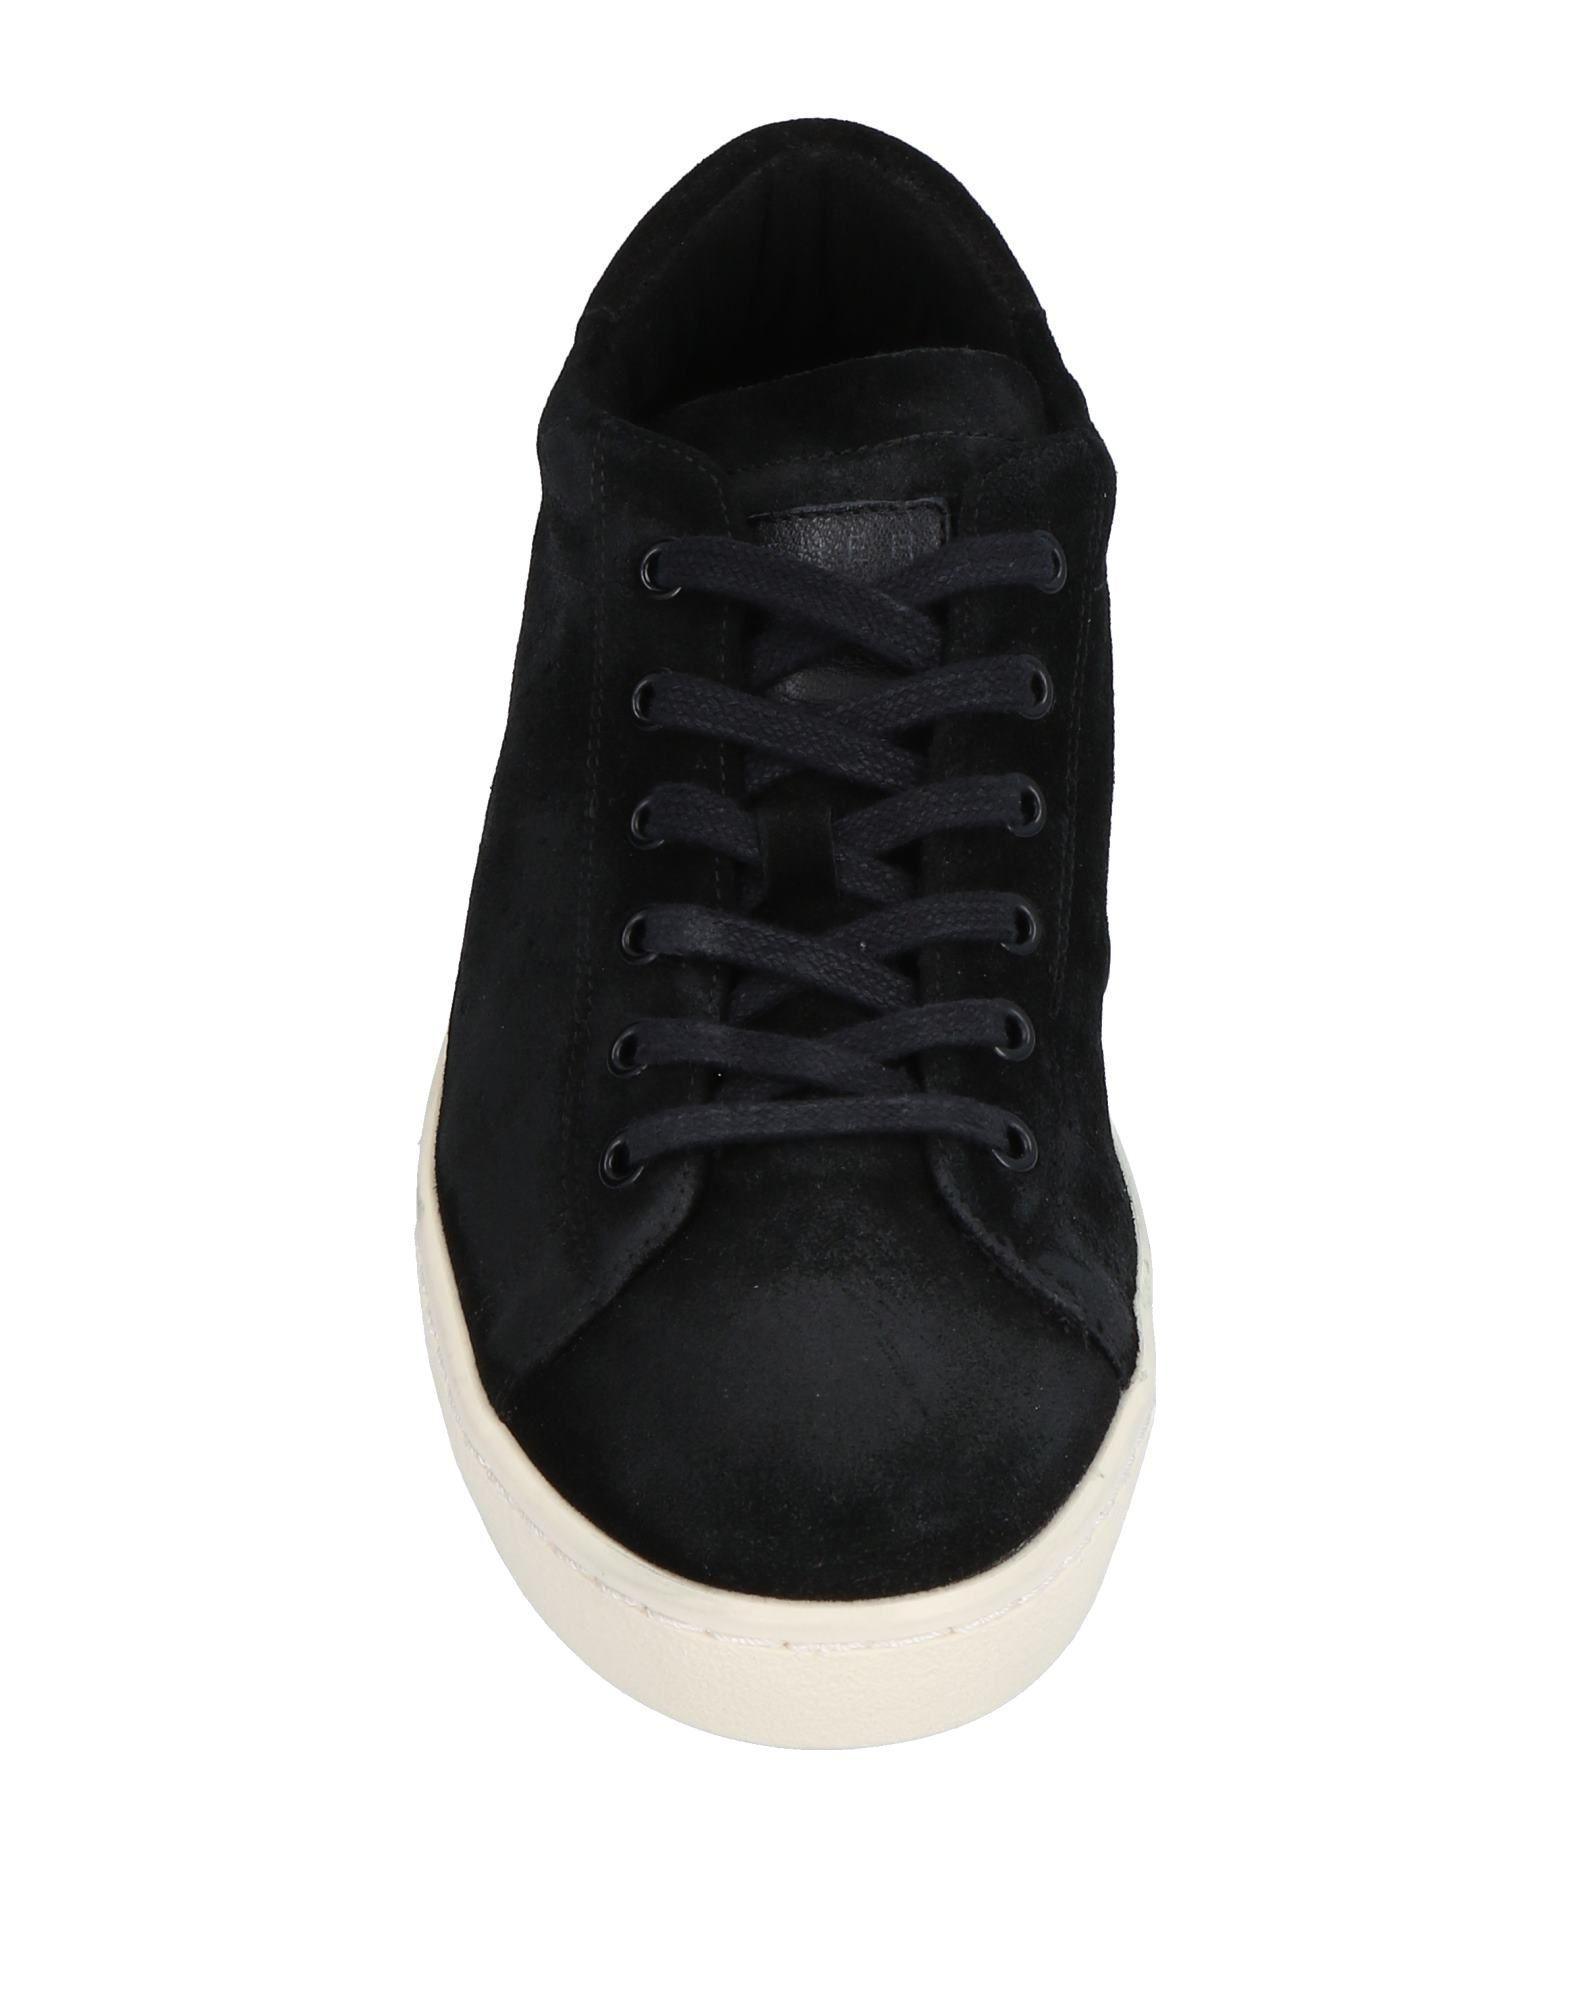 Stilvolle billige Sneakers Schuhe Leather Crown Sneakers billige Damen  11280281MN a17e4a